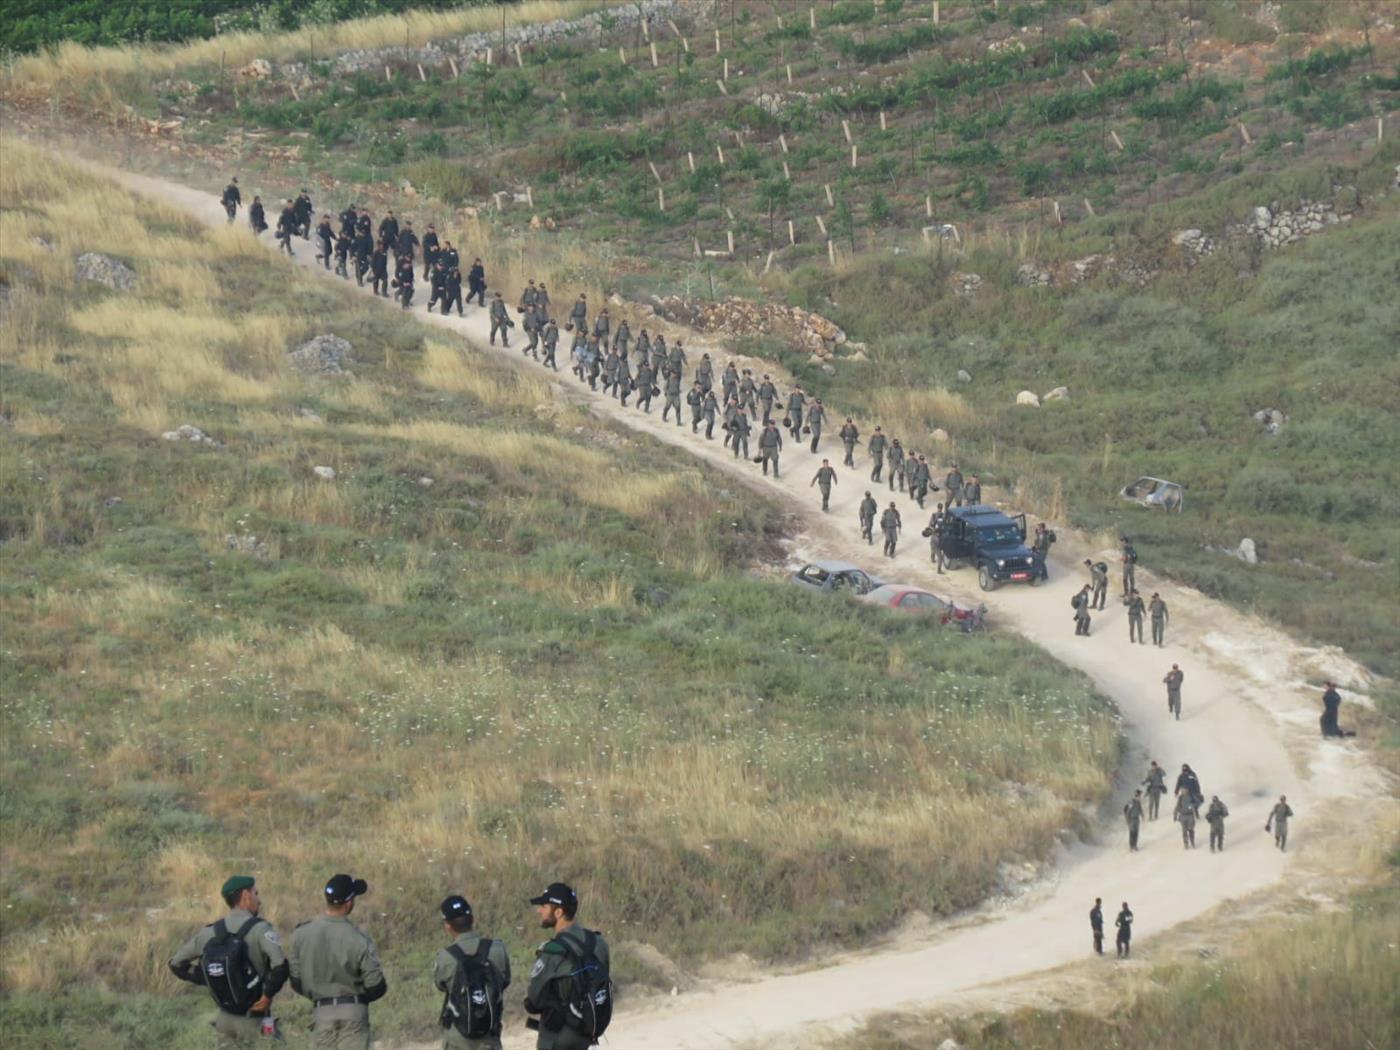 כוחות ההרס לאחר הפינוי הבוקר (חנוך רבין)